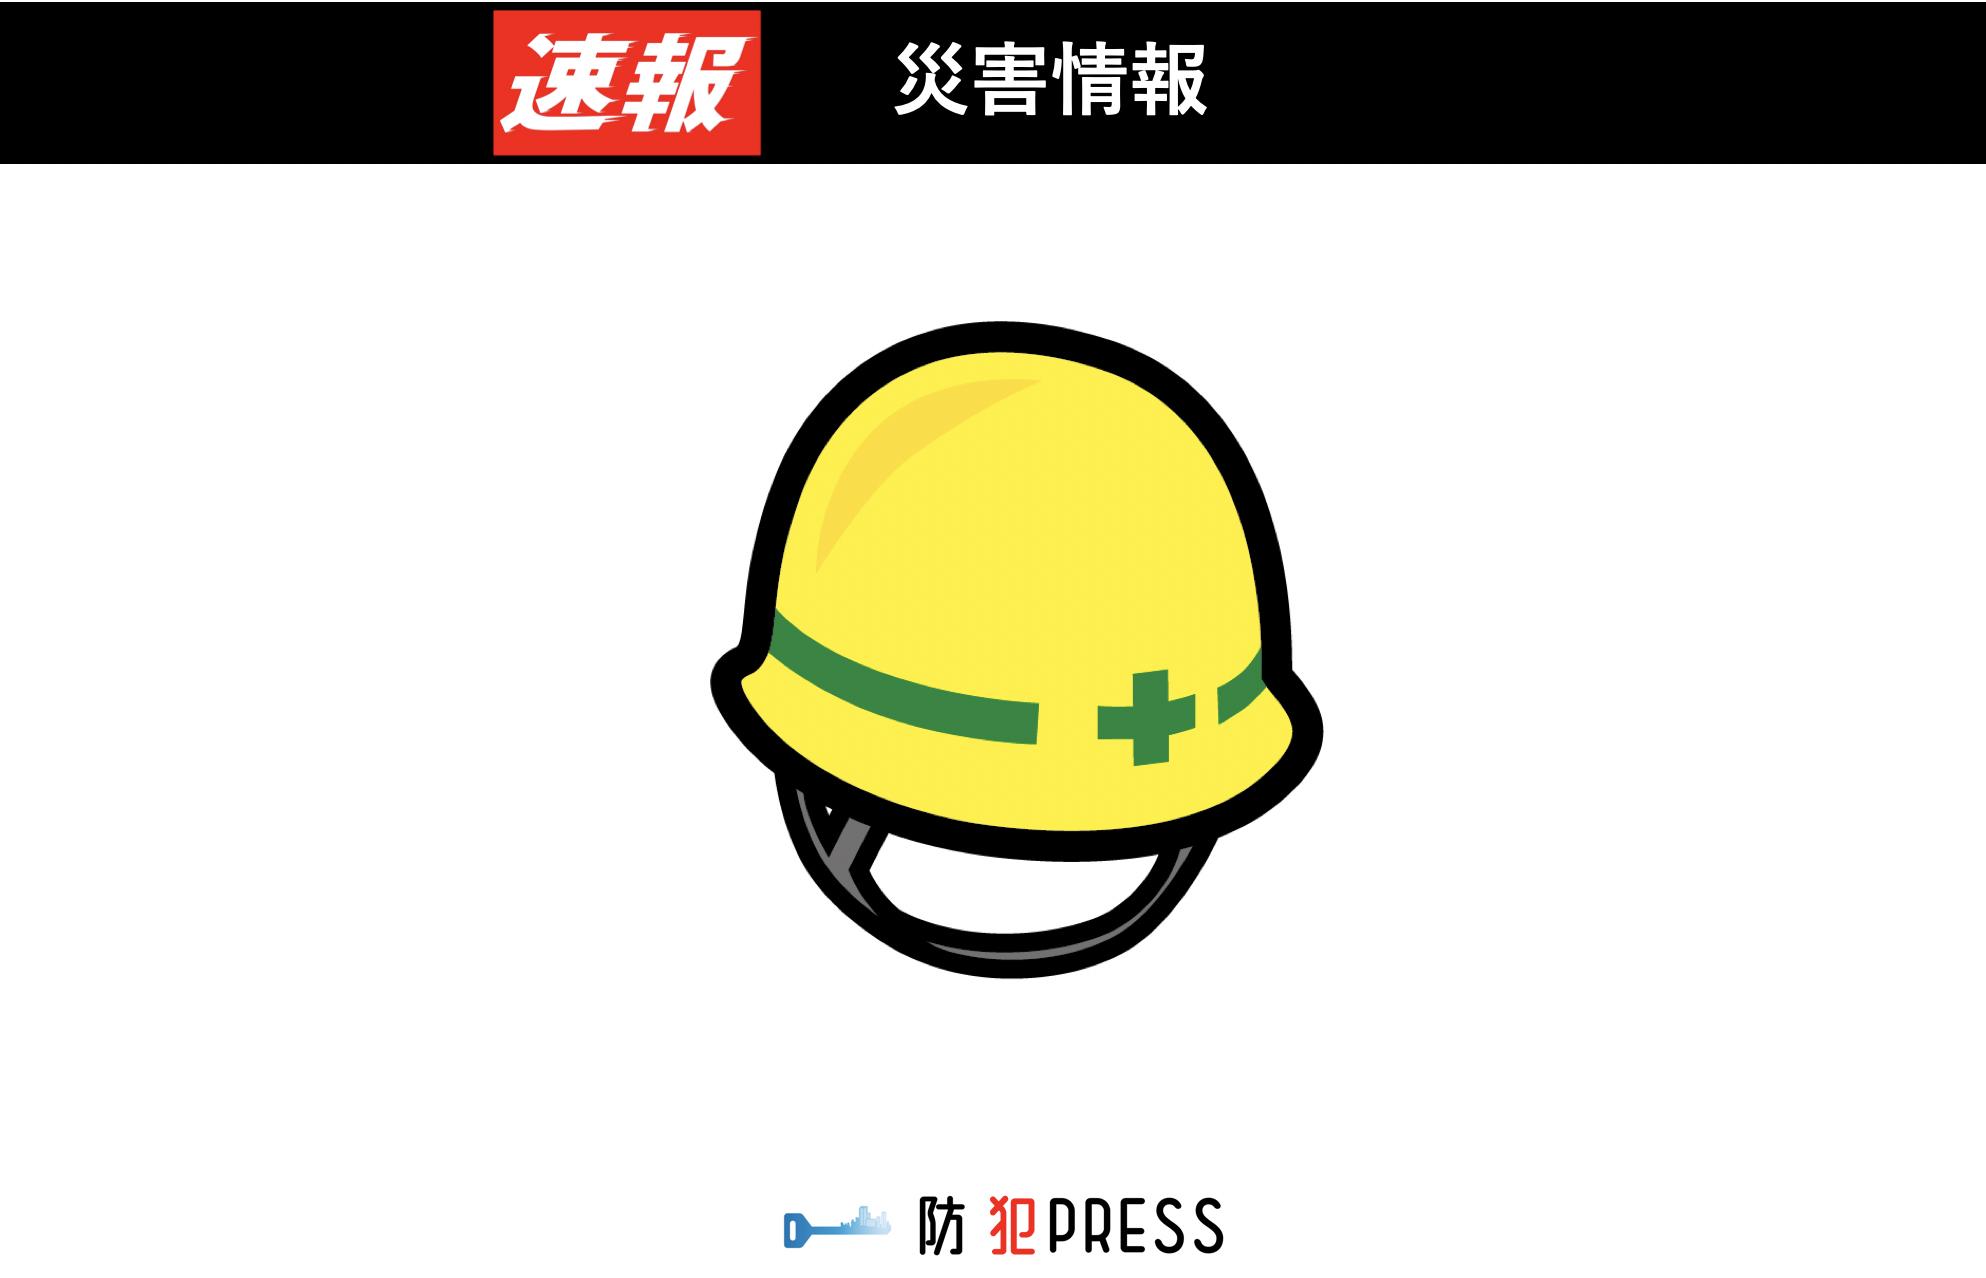 消防署員を名乗る不審電話【R2.10.22】